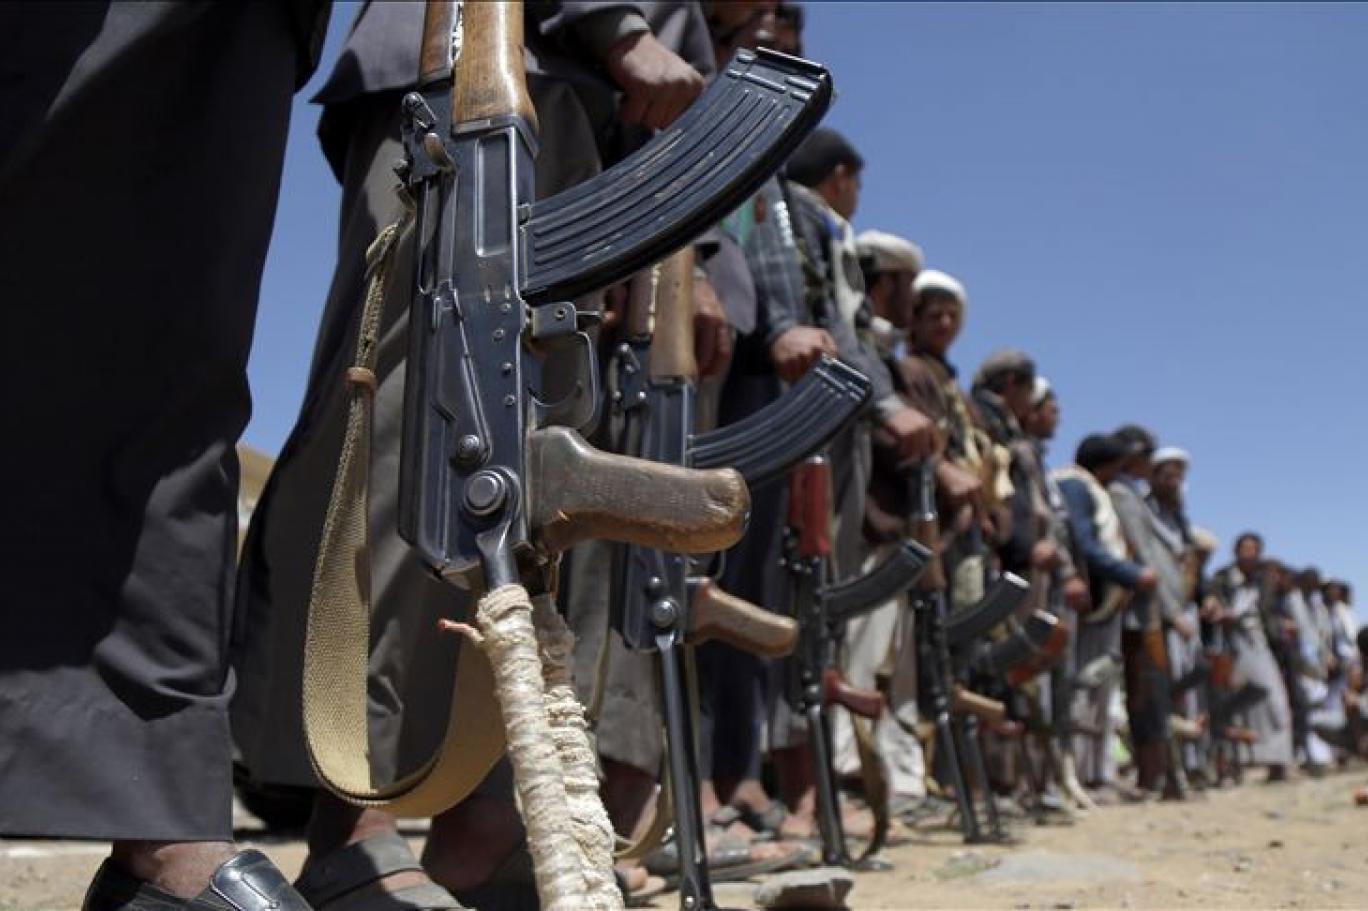 Yemen'de şiddetli çatışma: 80 ölü